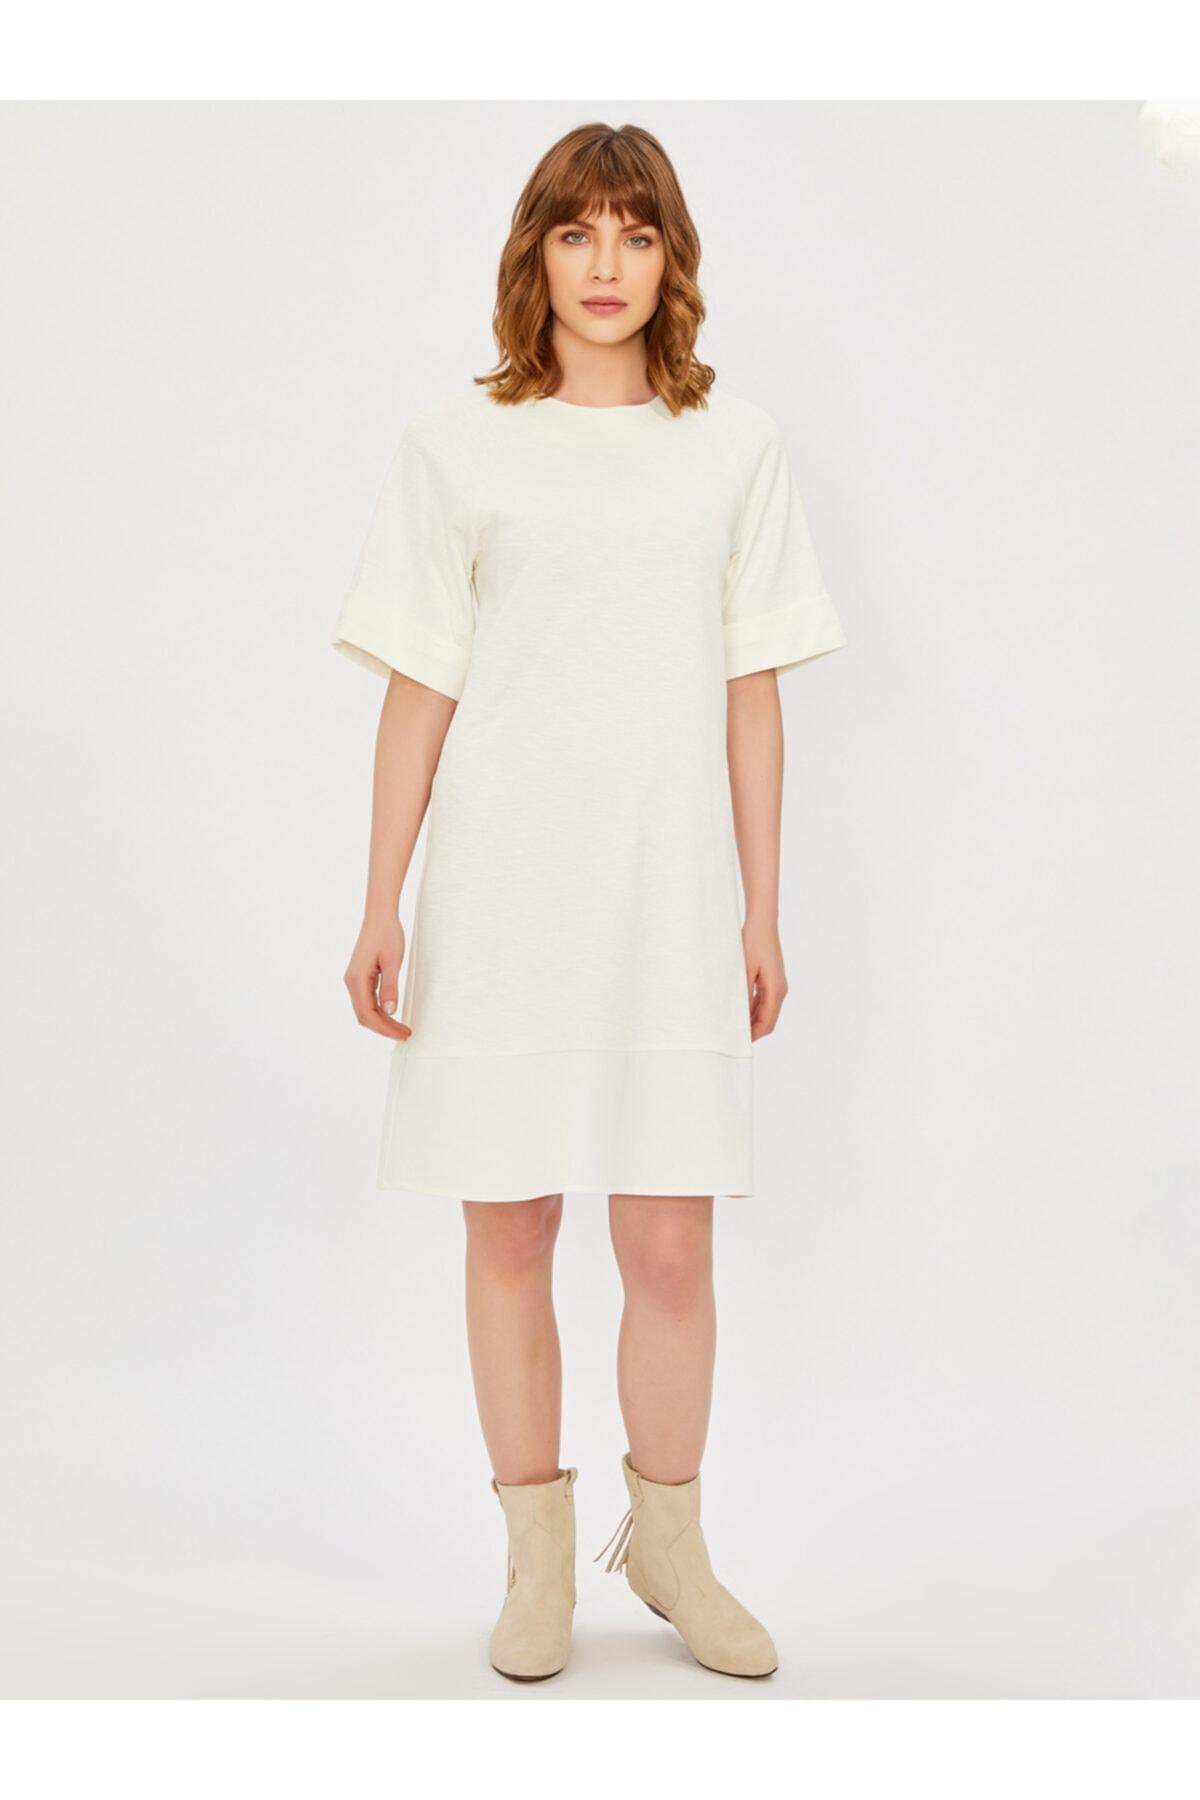 Vekem Kadın Bej Sıfır Yaka Rahat Kesim Elbise 1